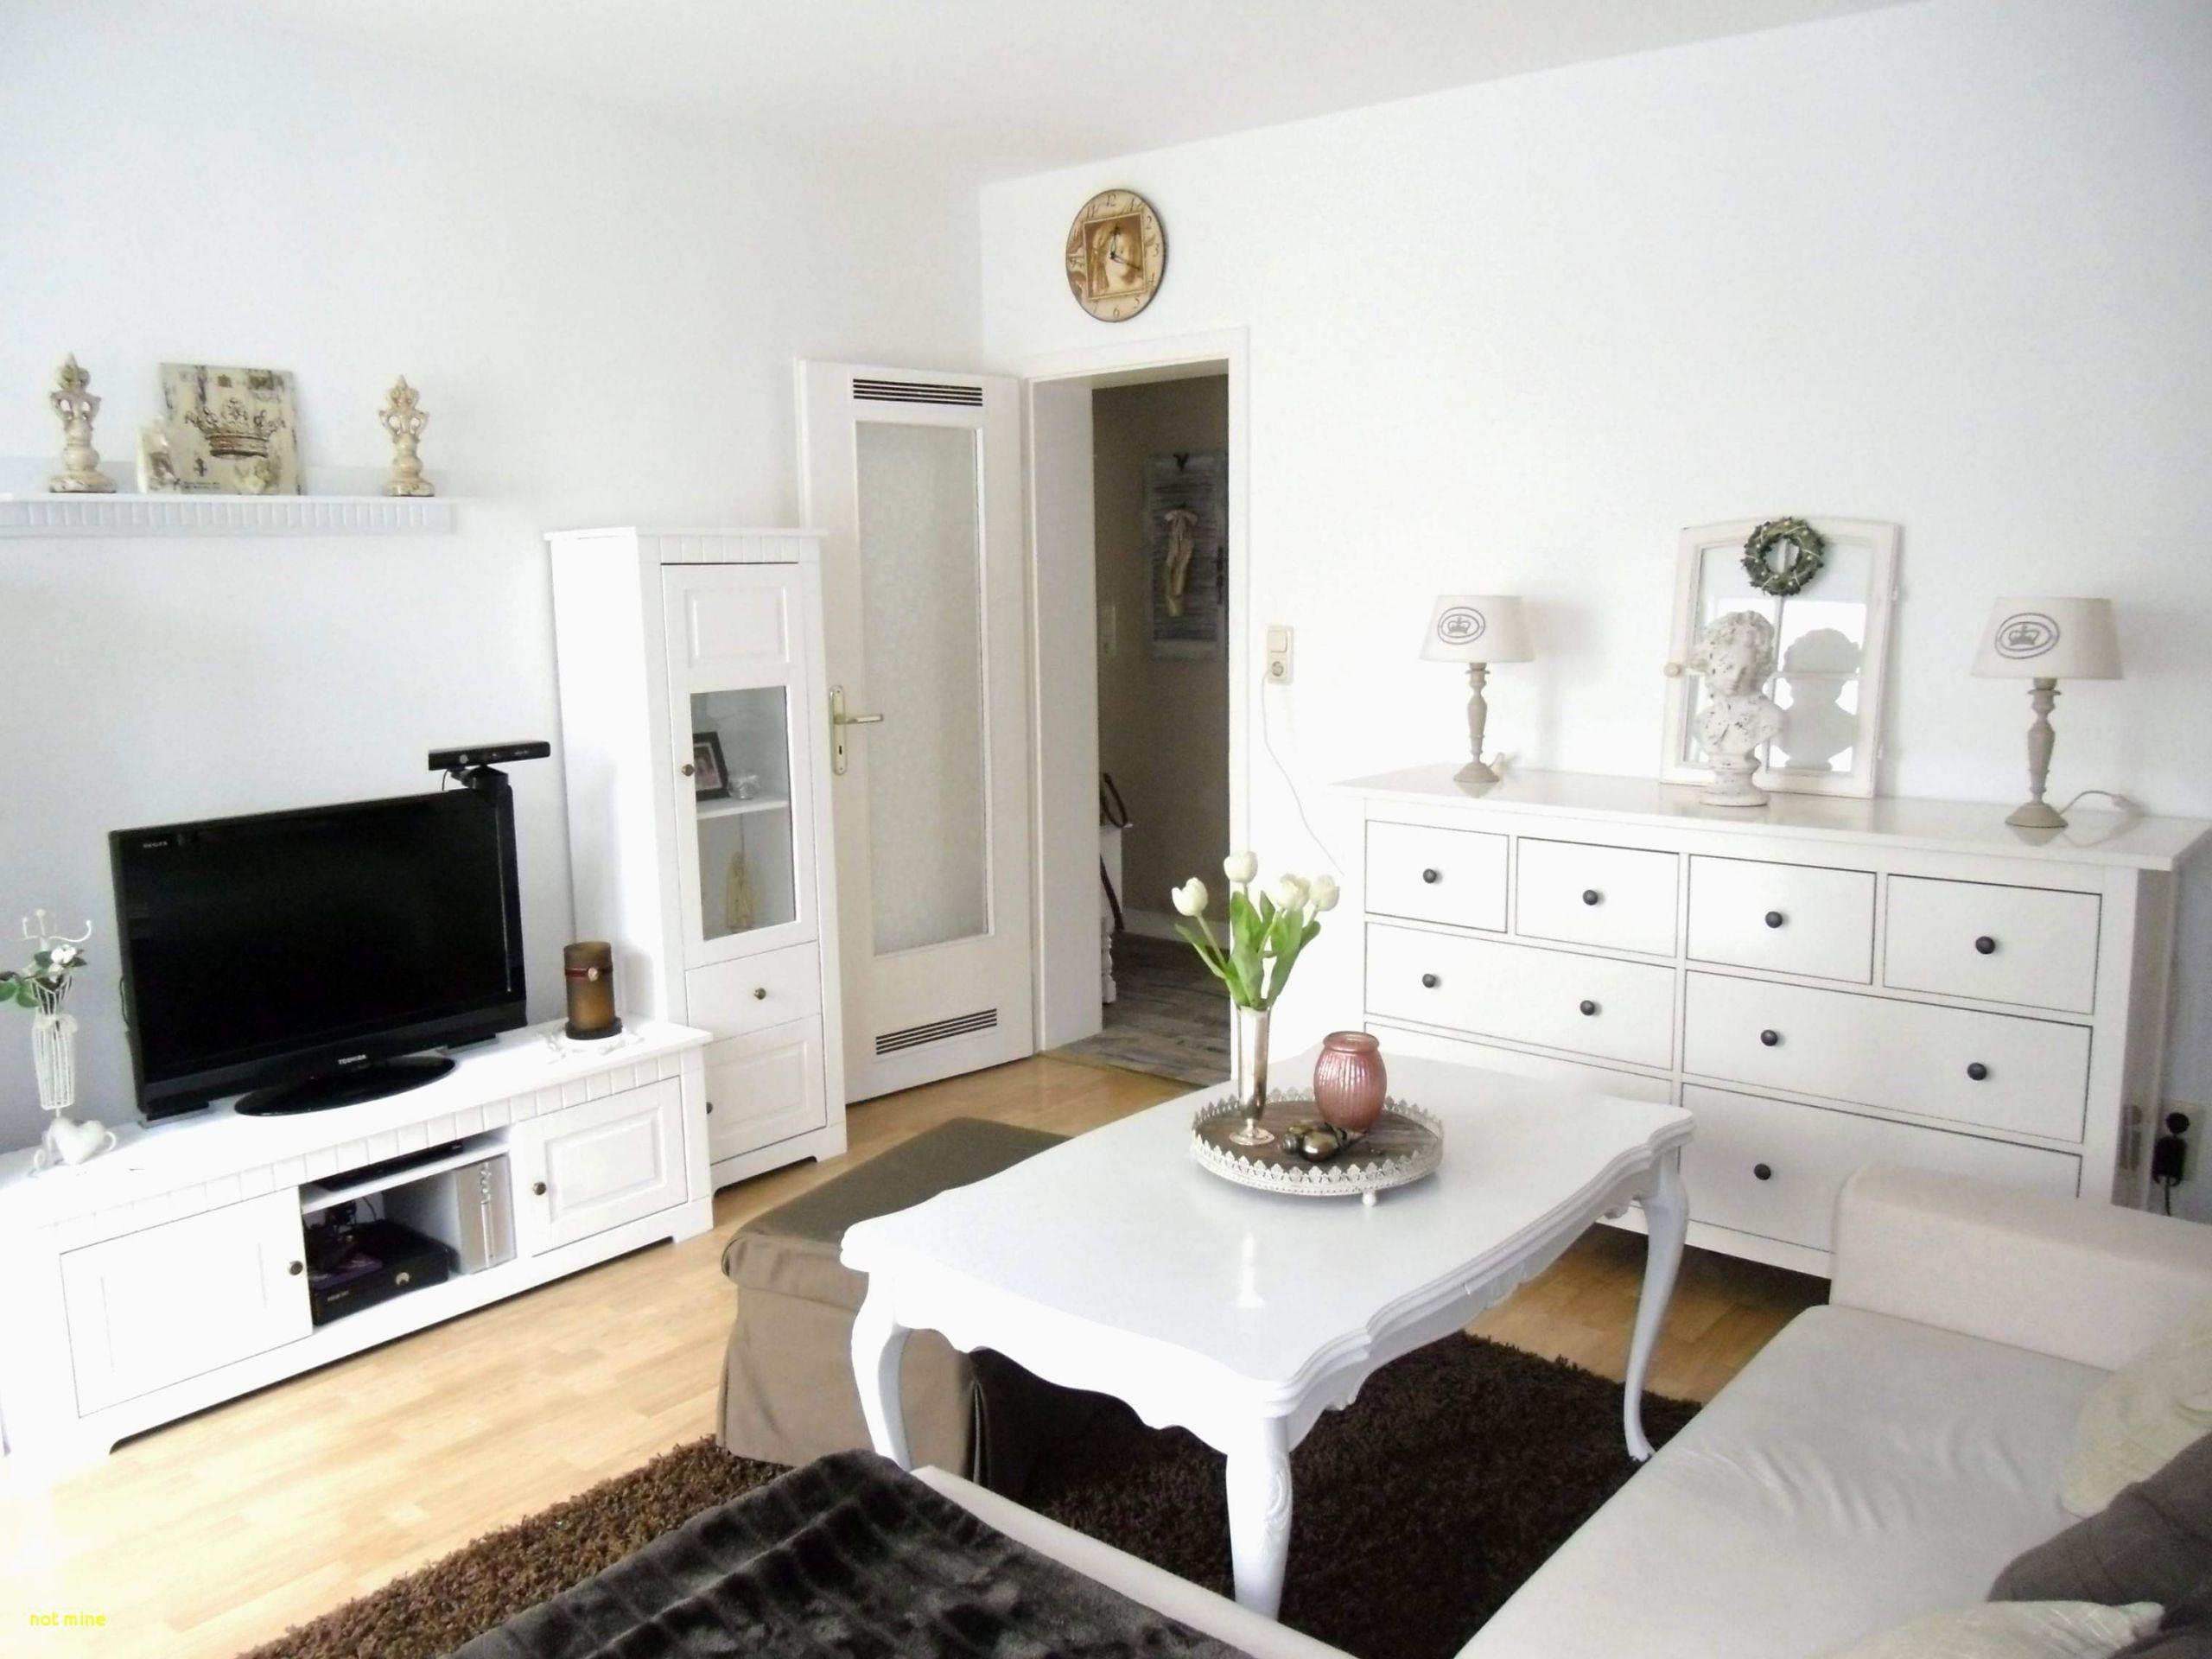 deko bilder wohnzimmer inspirierend verkaufsschlager wohnzimmer ideen deko flott wohnzimmer deko of deko bilder wohnzimmer